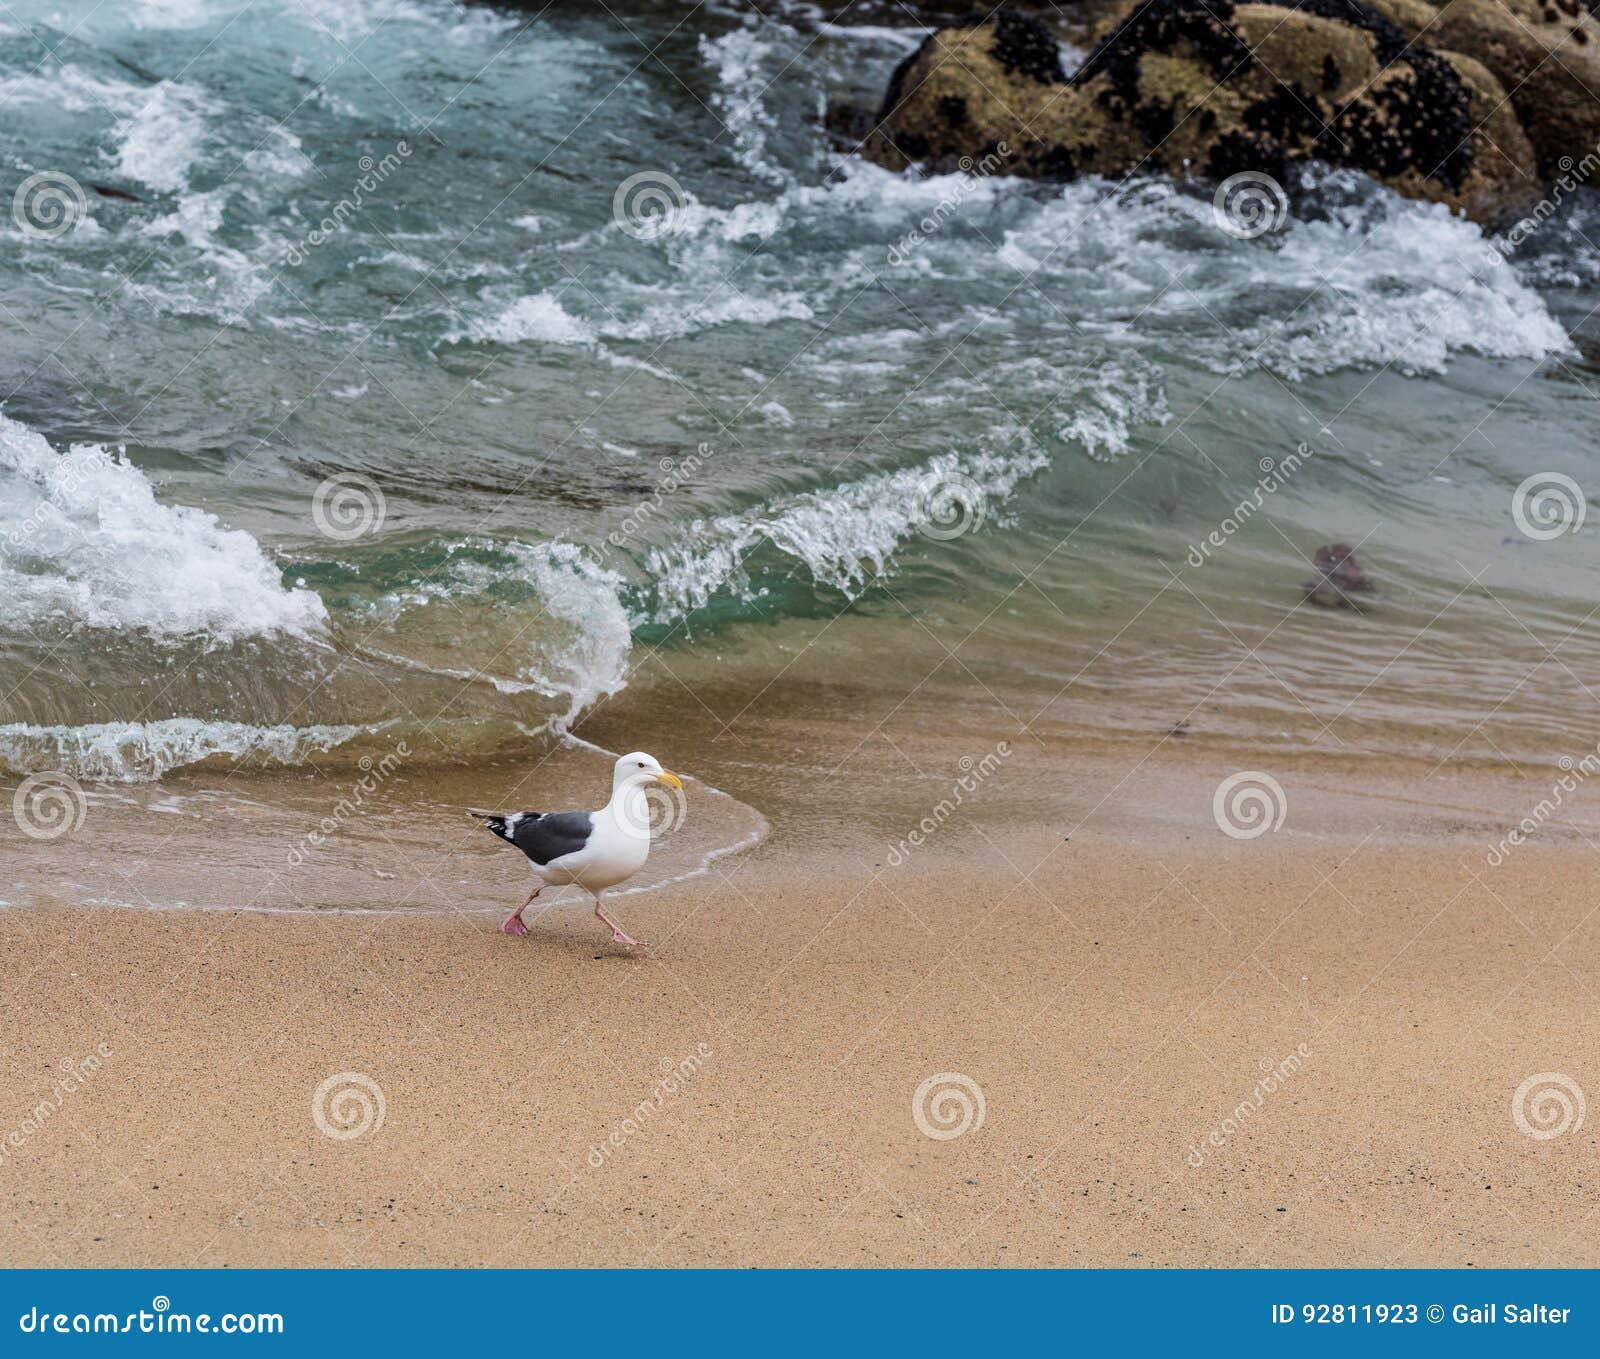 Best Western On The Beach Monterey